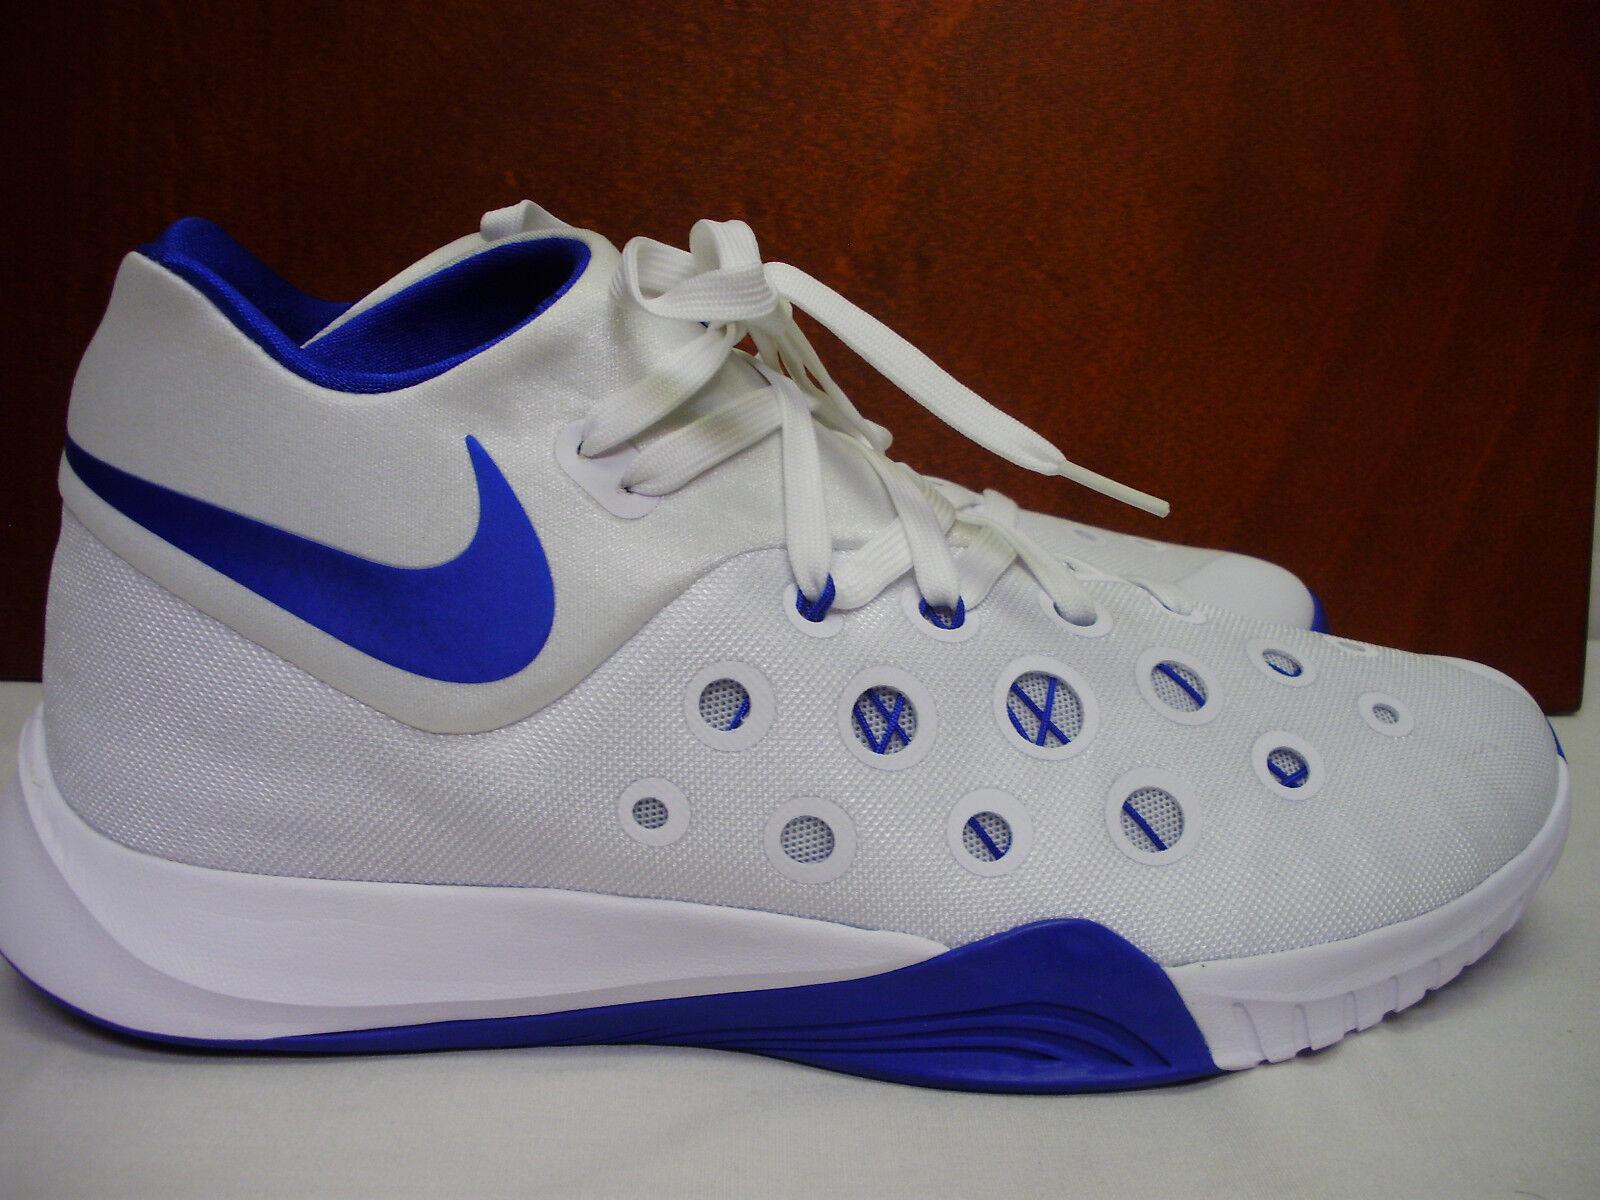 Nike zoom hyperquickness iii 812976-141 seltenen weißen w größe / royal schmucken neuen größe w 12,5 413102